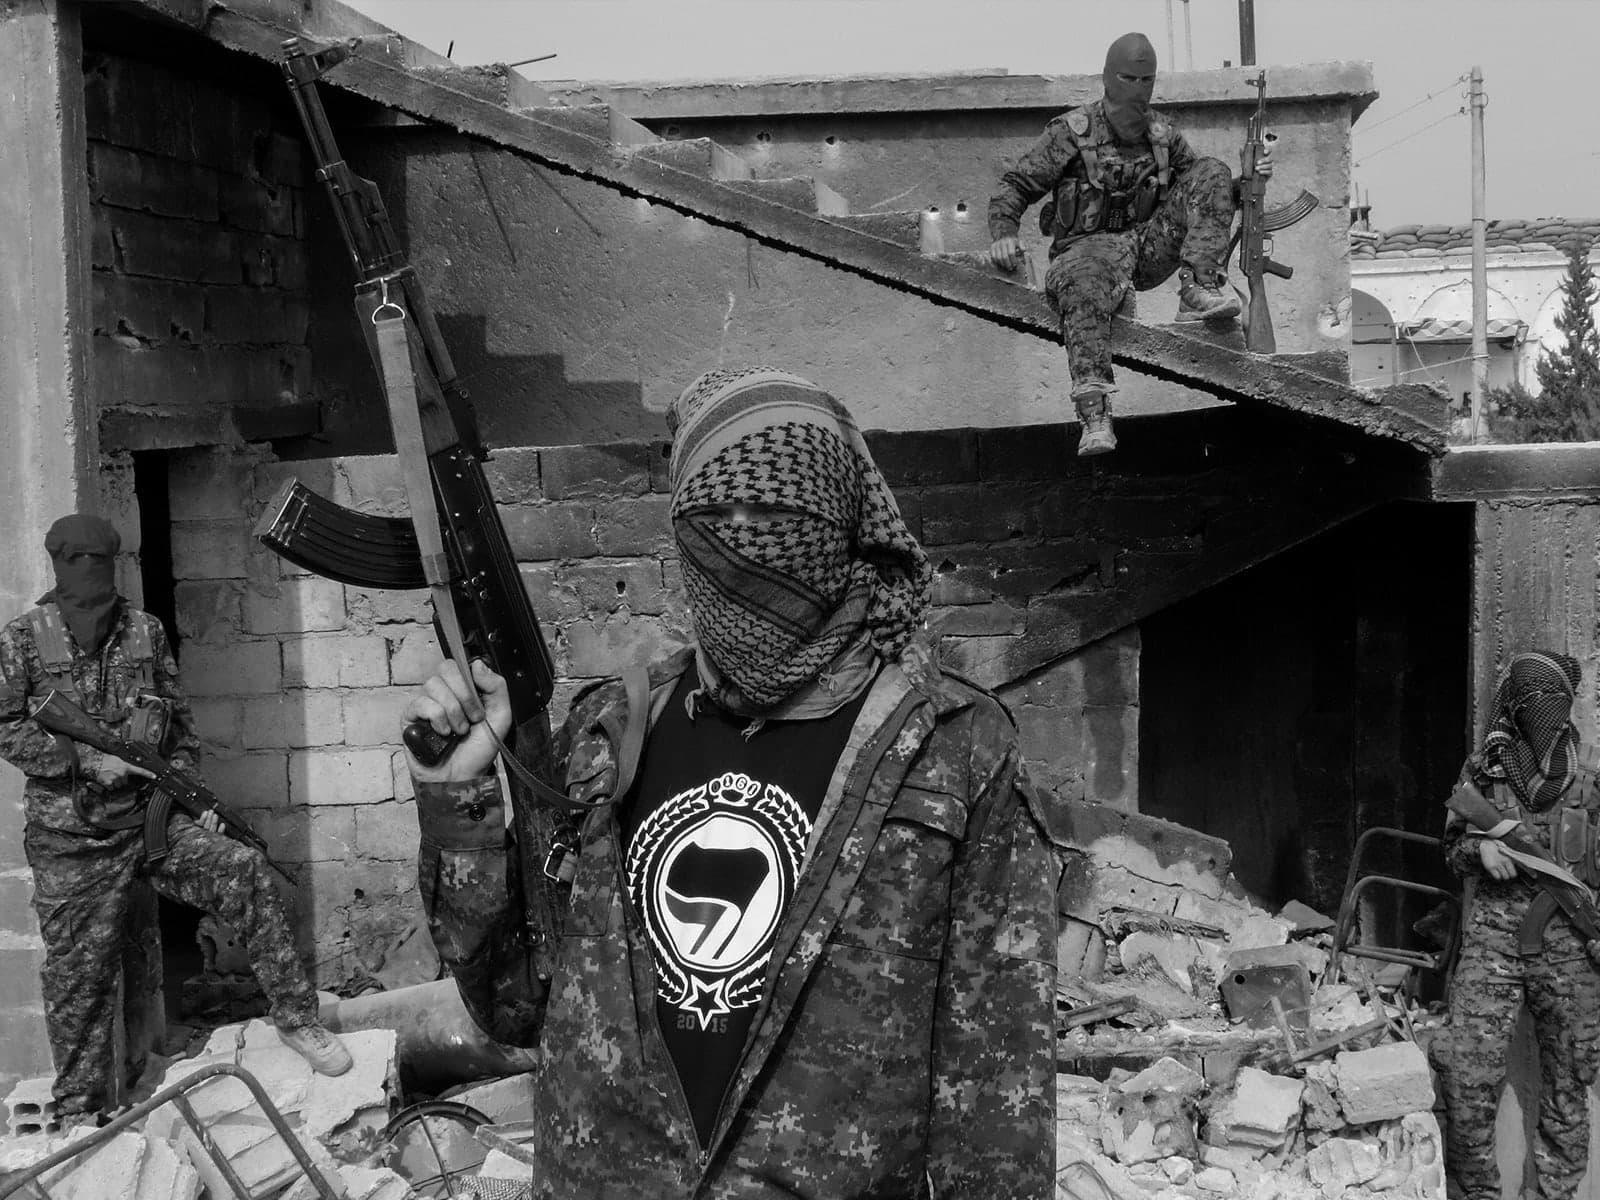 الجماعات الإرهابية وتطبيقات التراسل الفوري